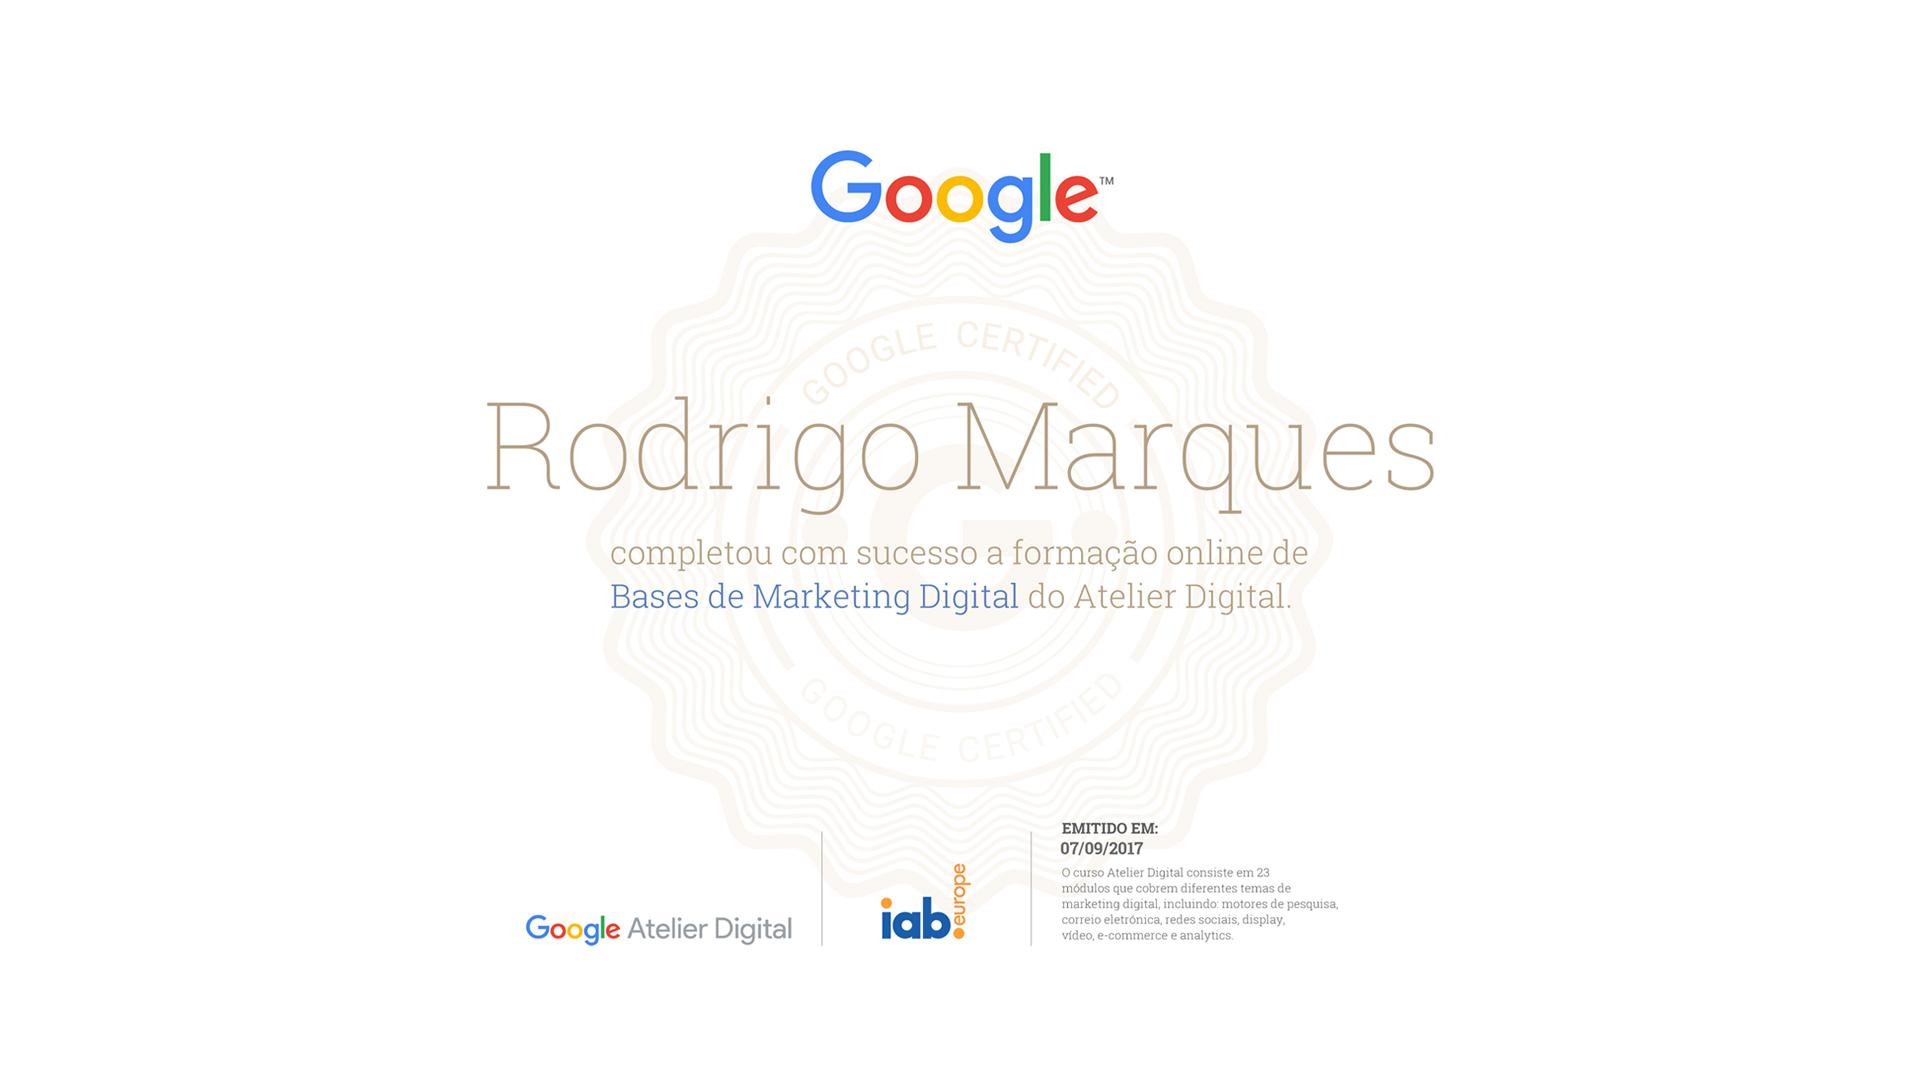 Imagem - Atelier Digital Google